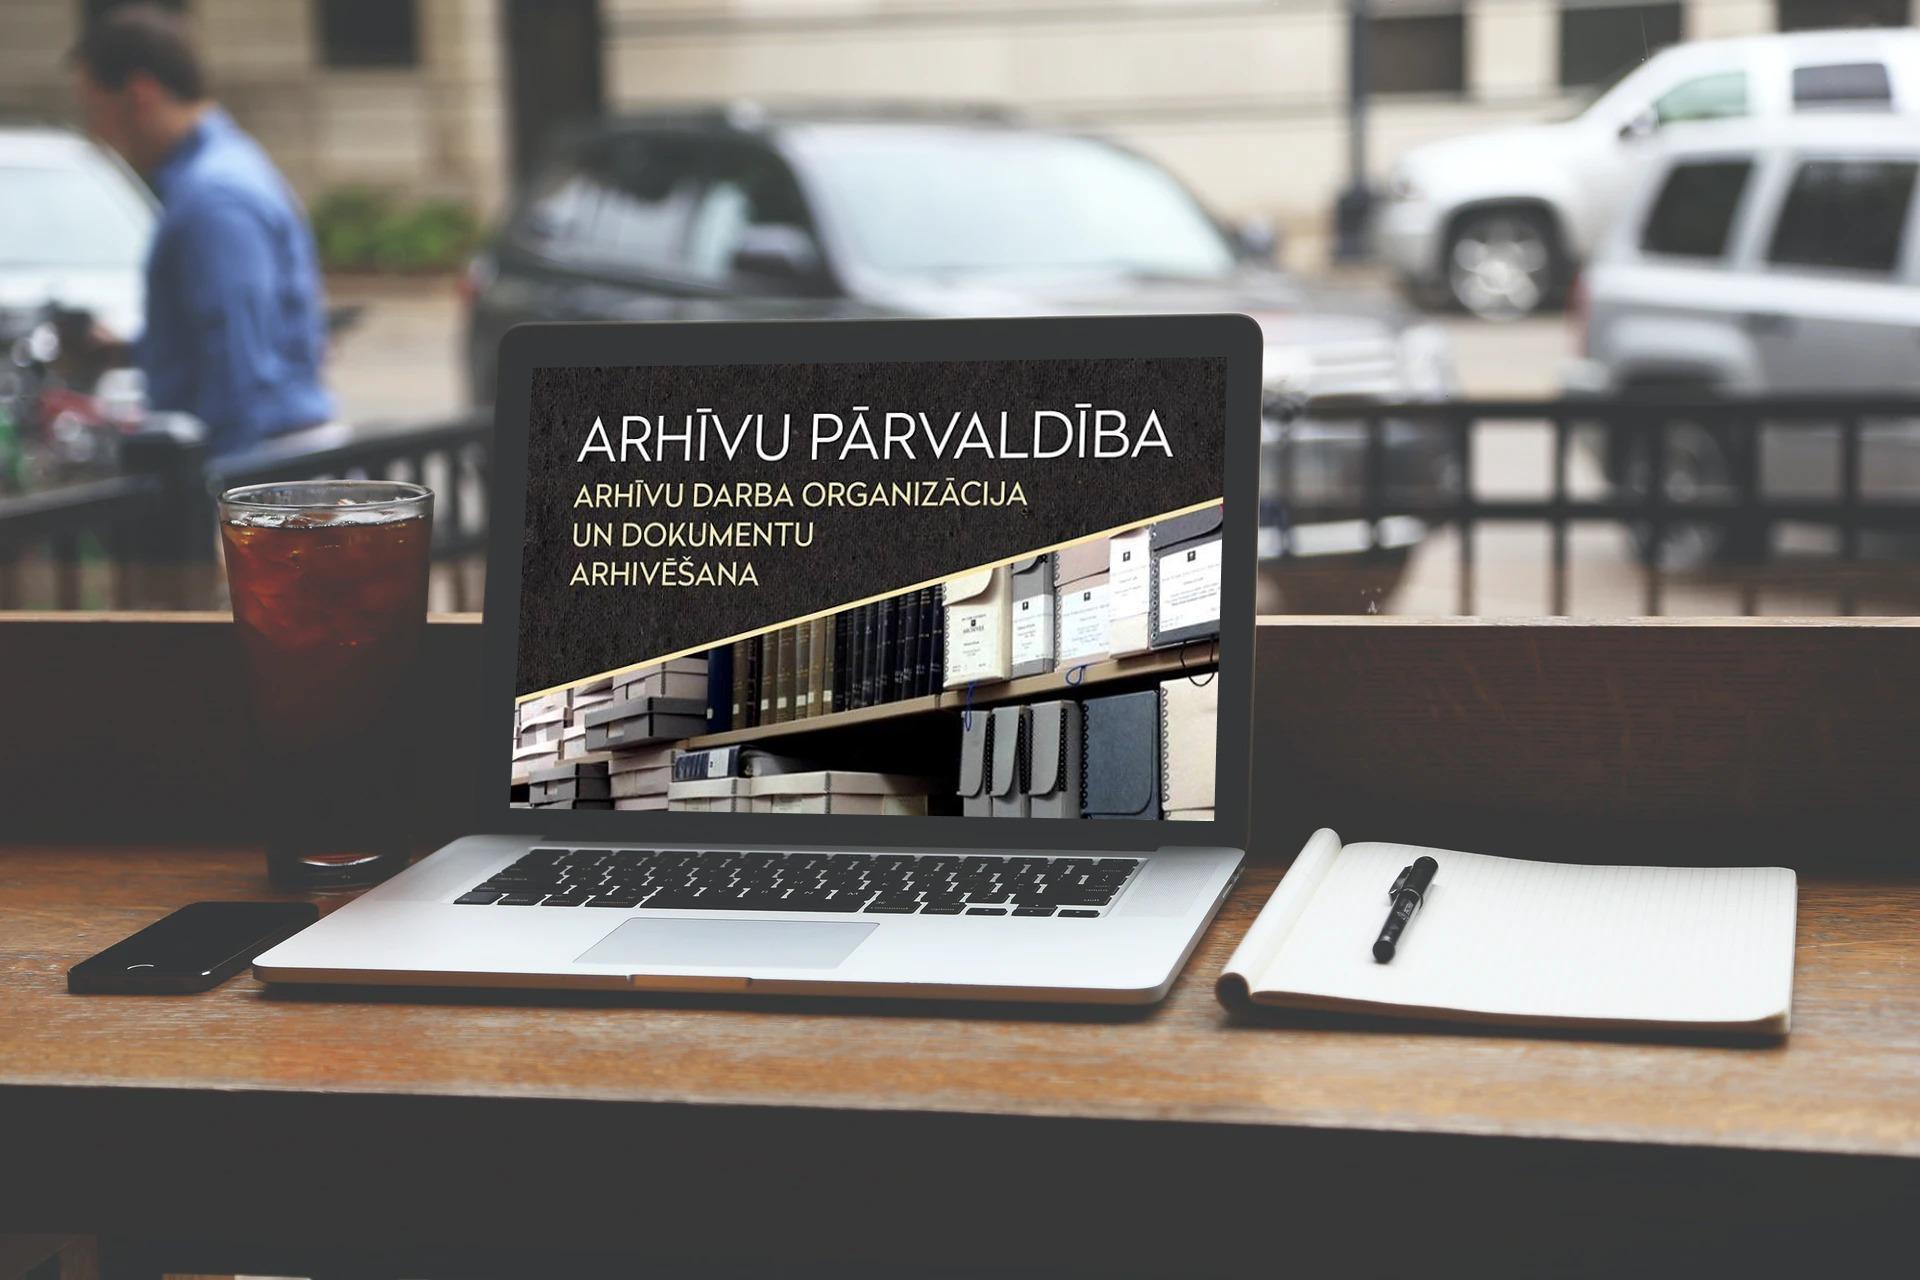 Arhivu pārvaldība